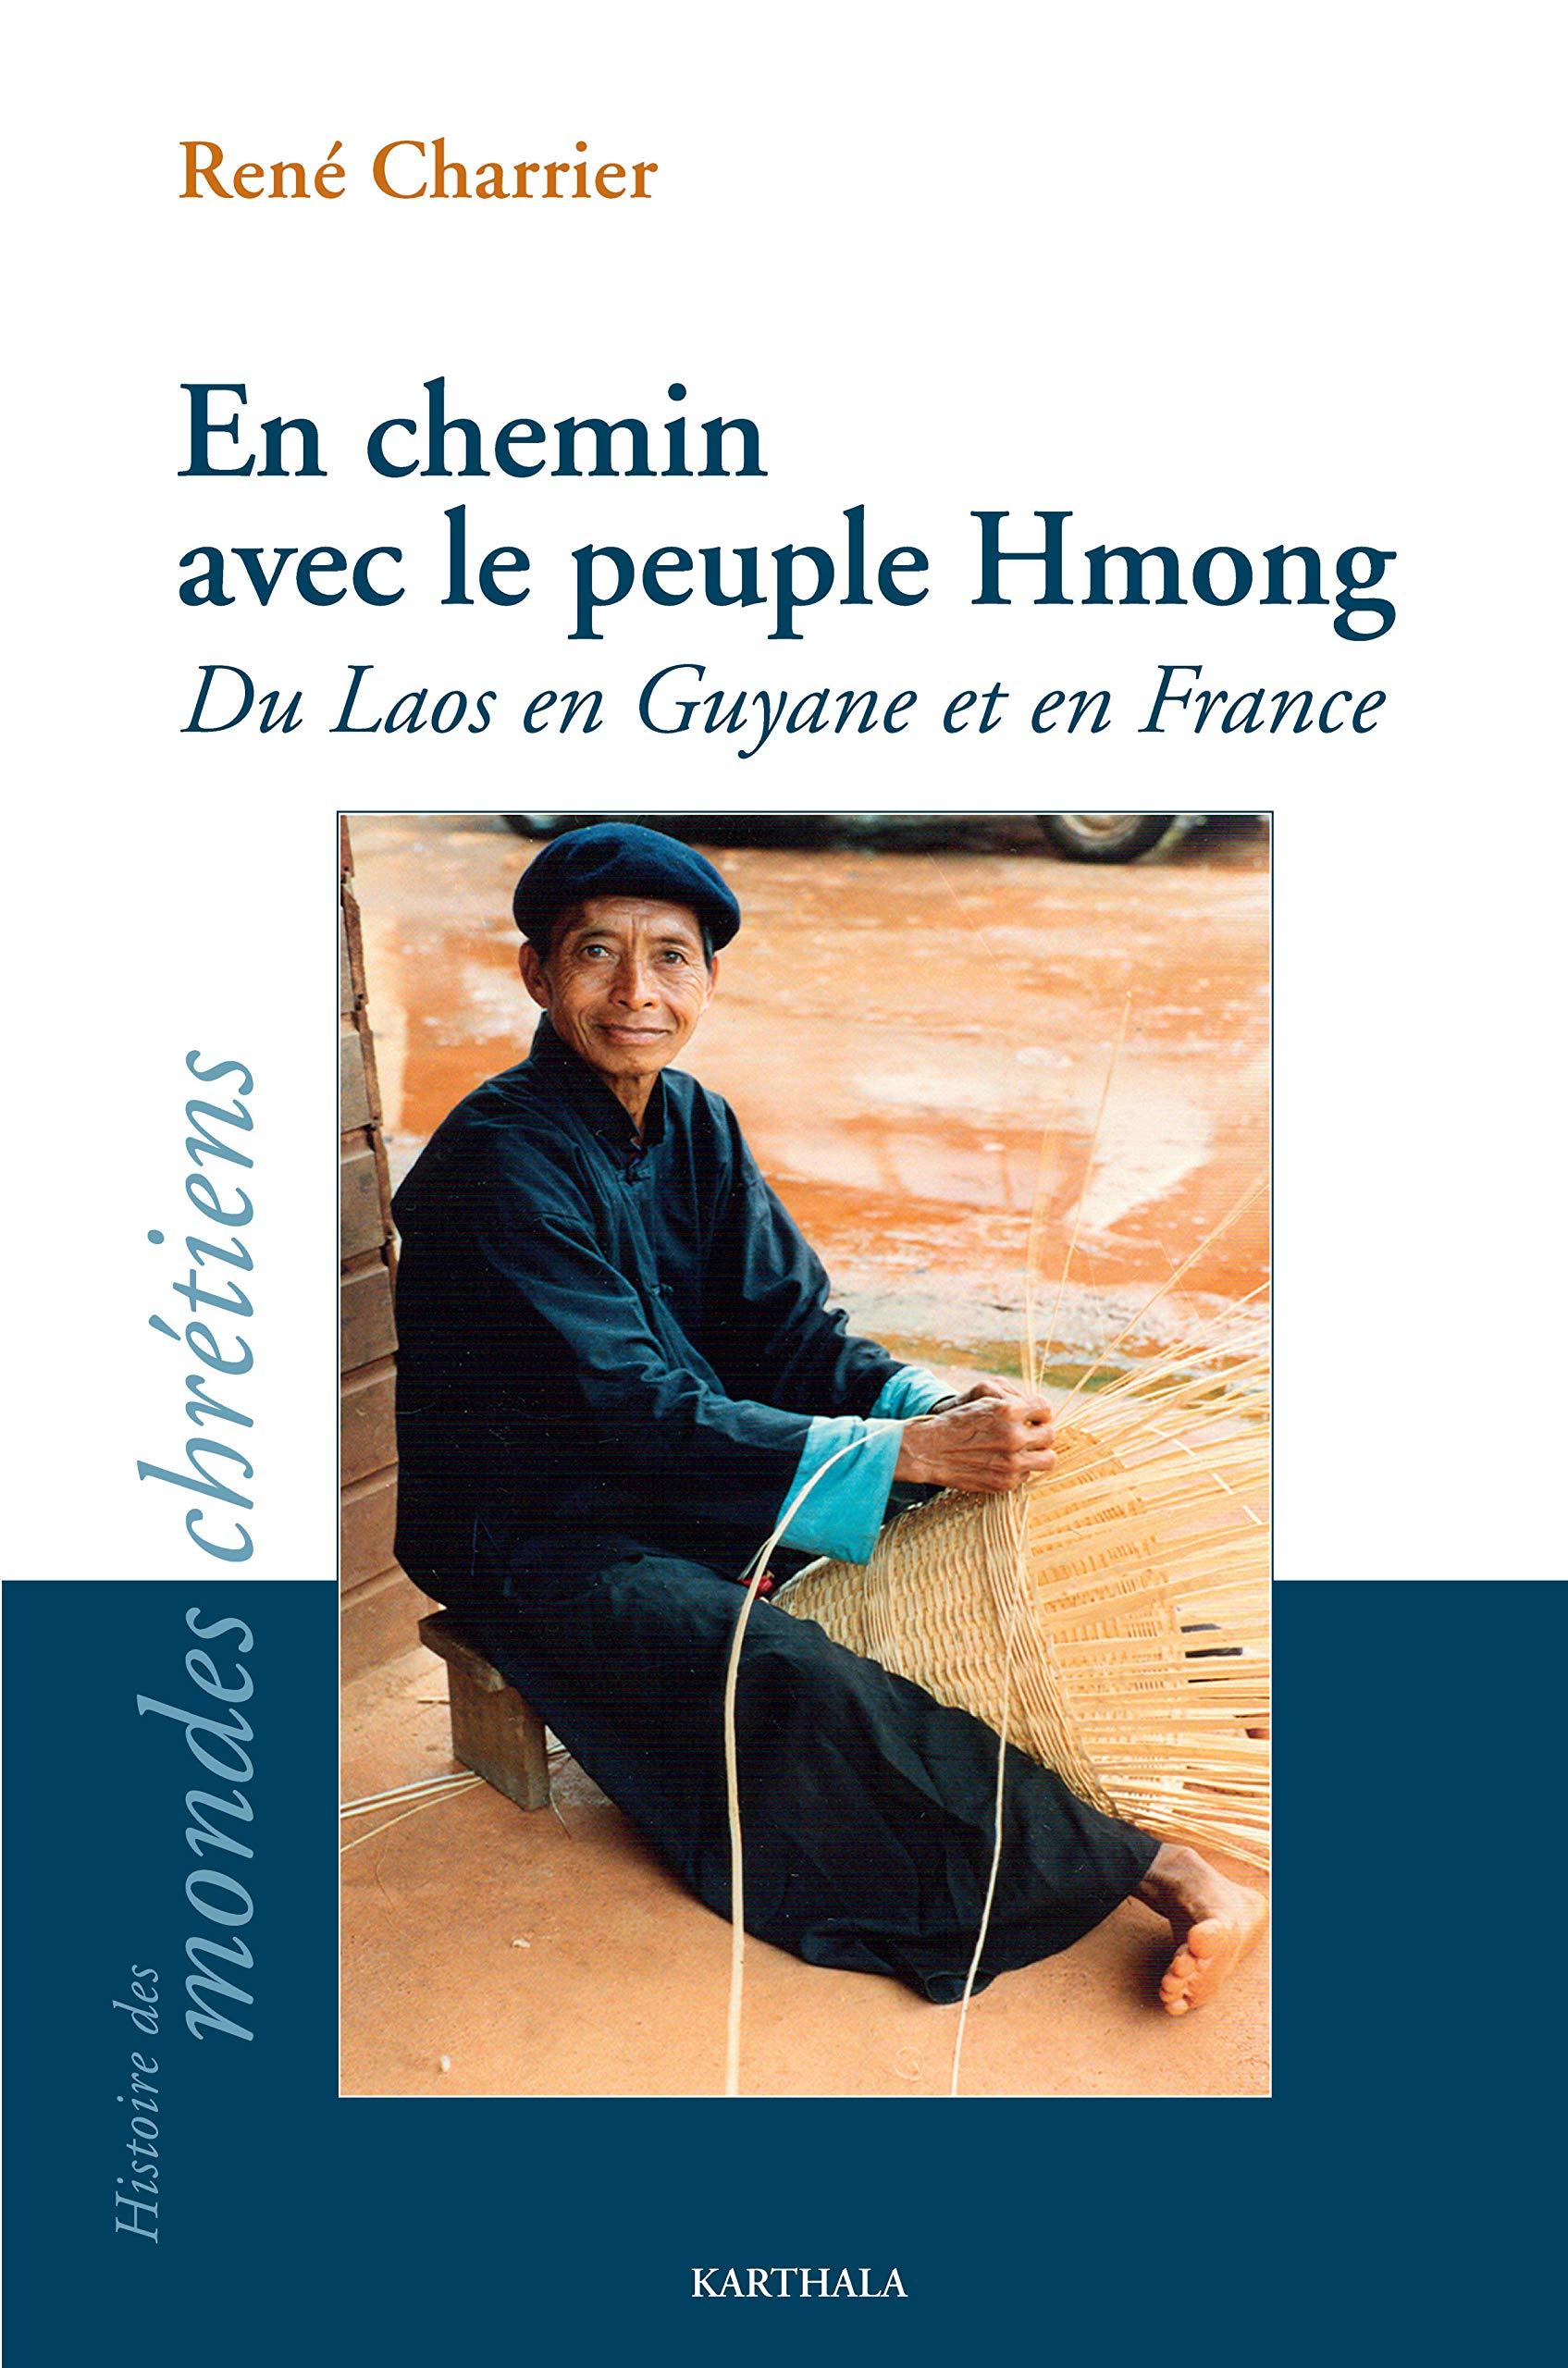 Nîmes : à la rencontre de la très discrète communauté Hmong